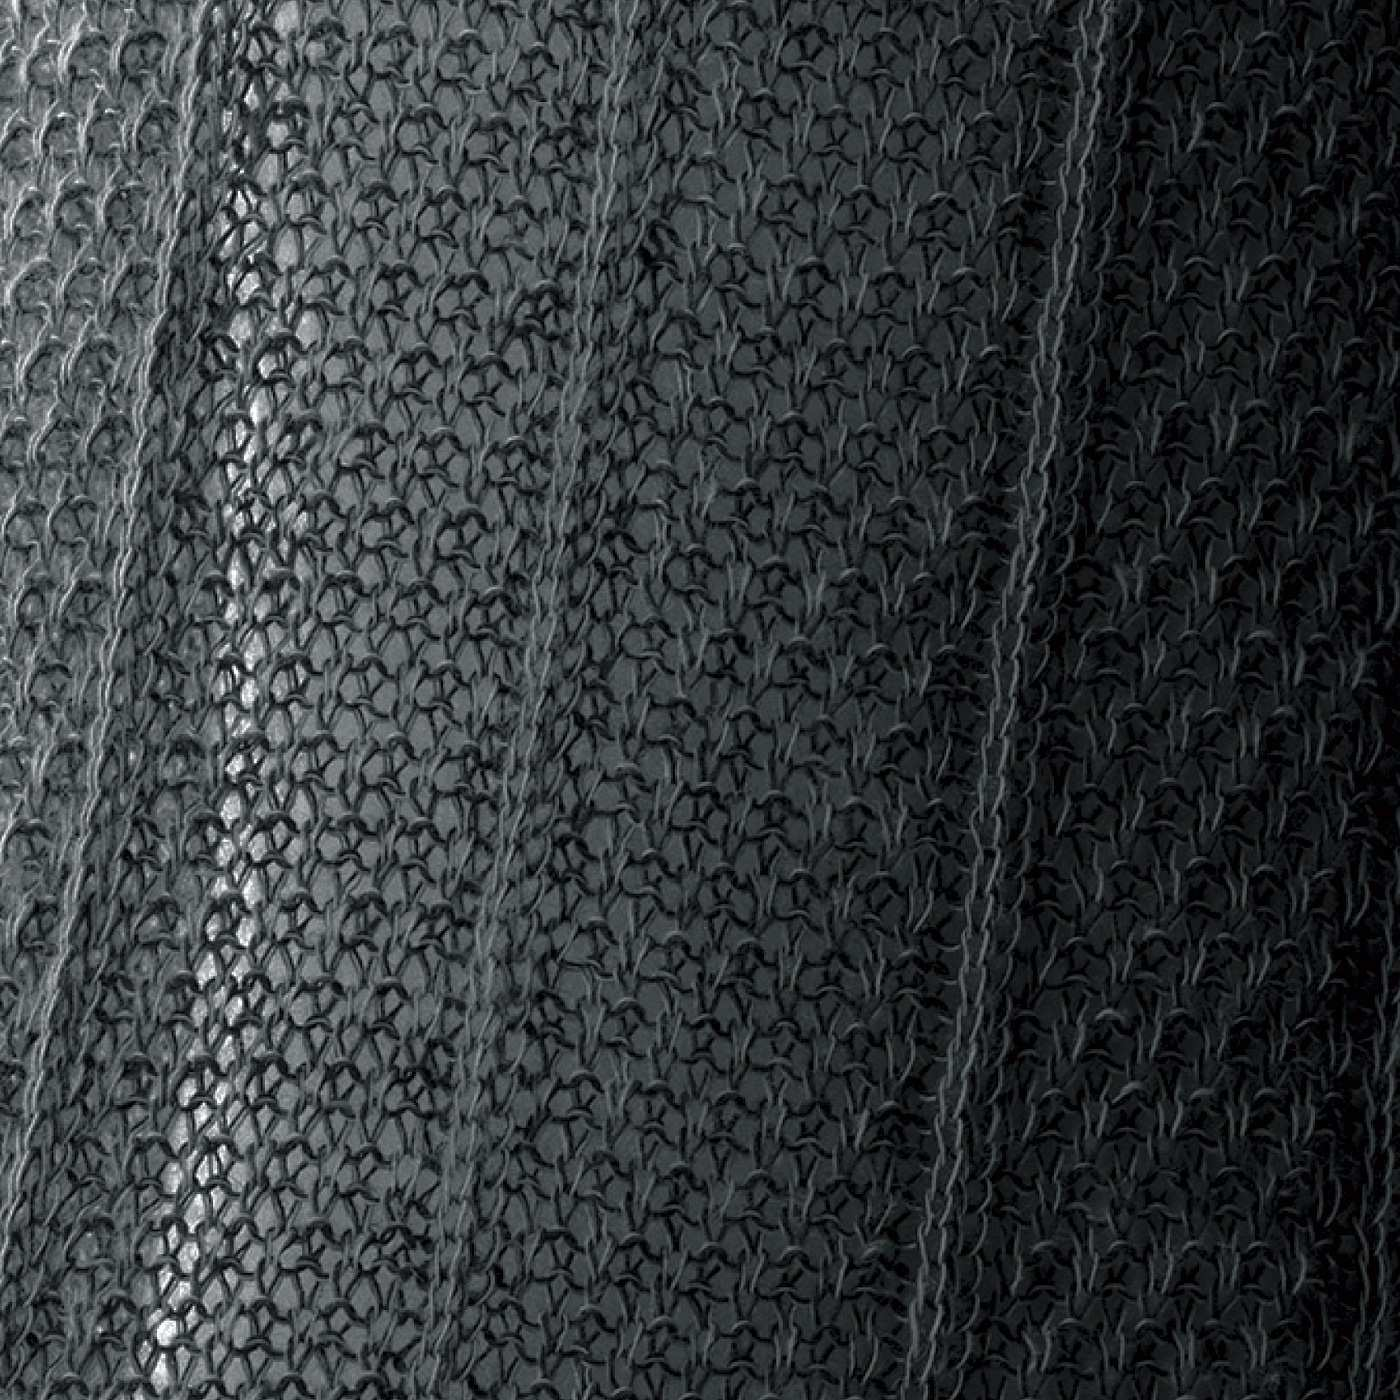 2色をミックスした編地は奥行きのある表情。ほのかな透け感あり。